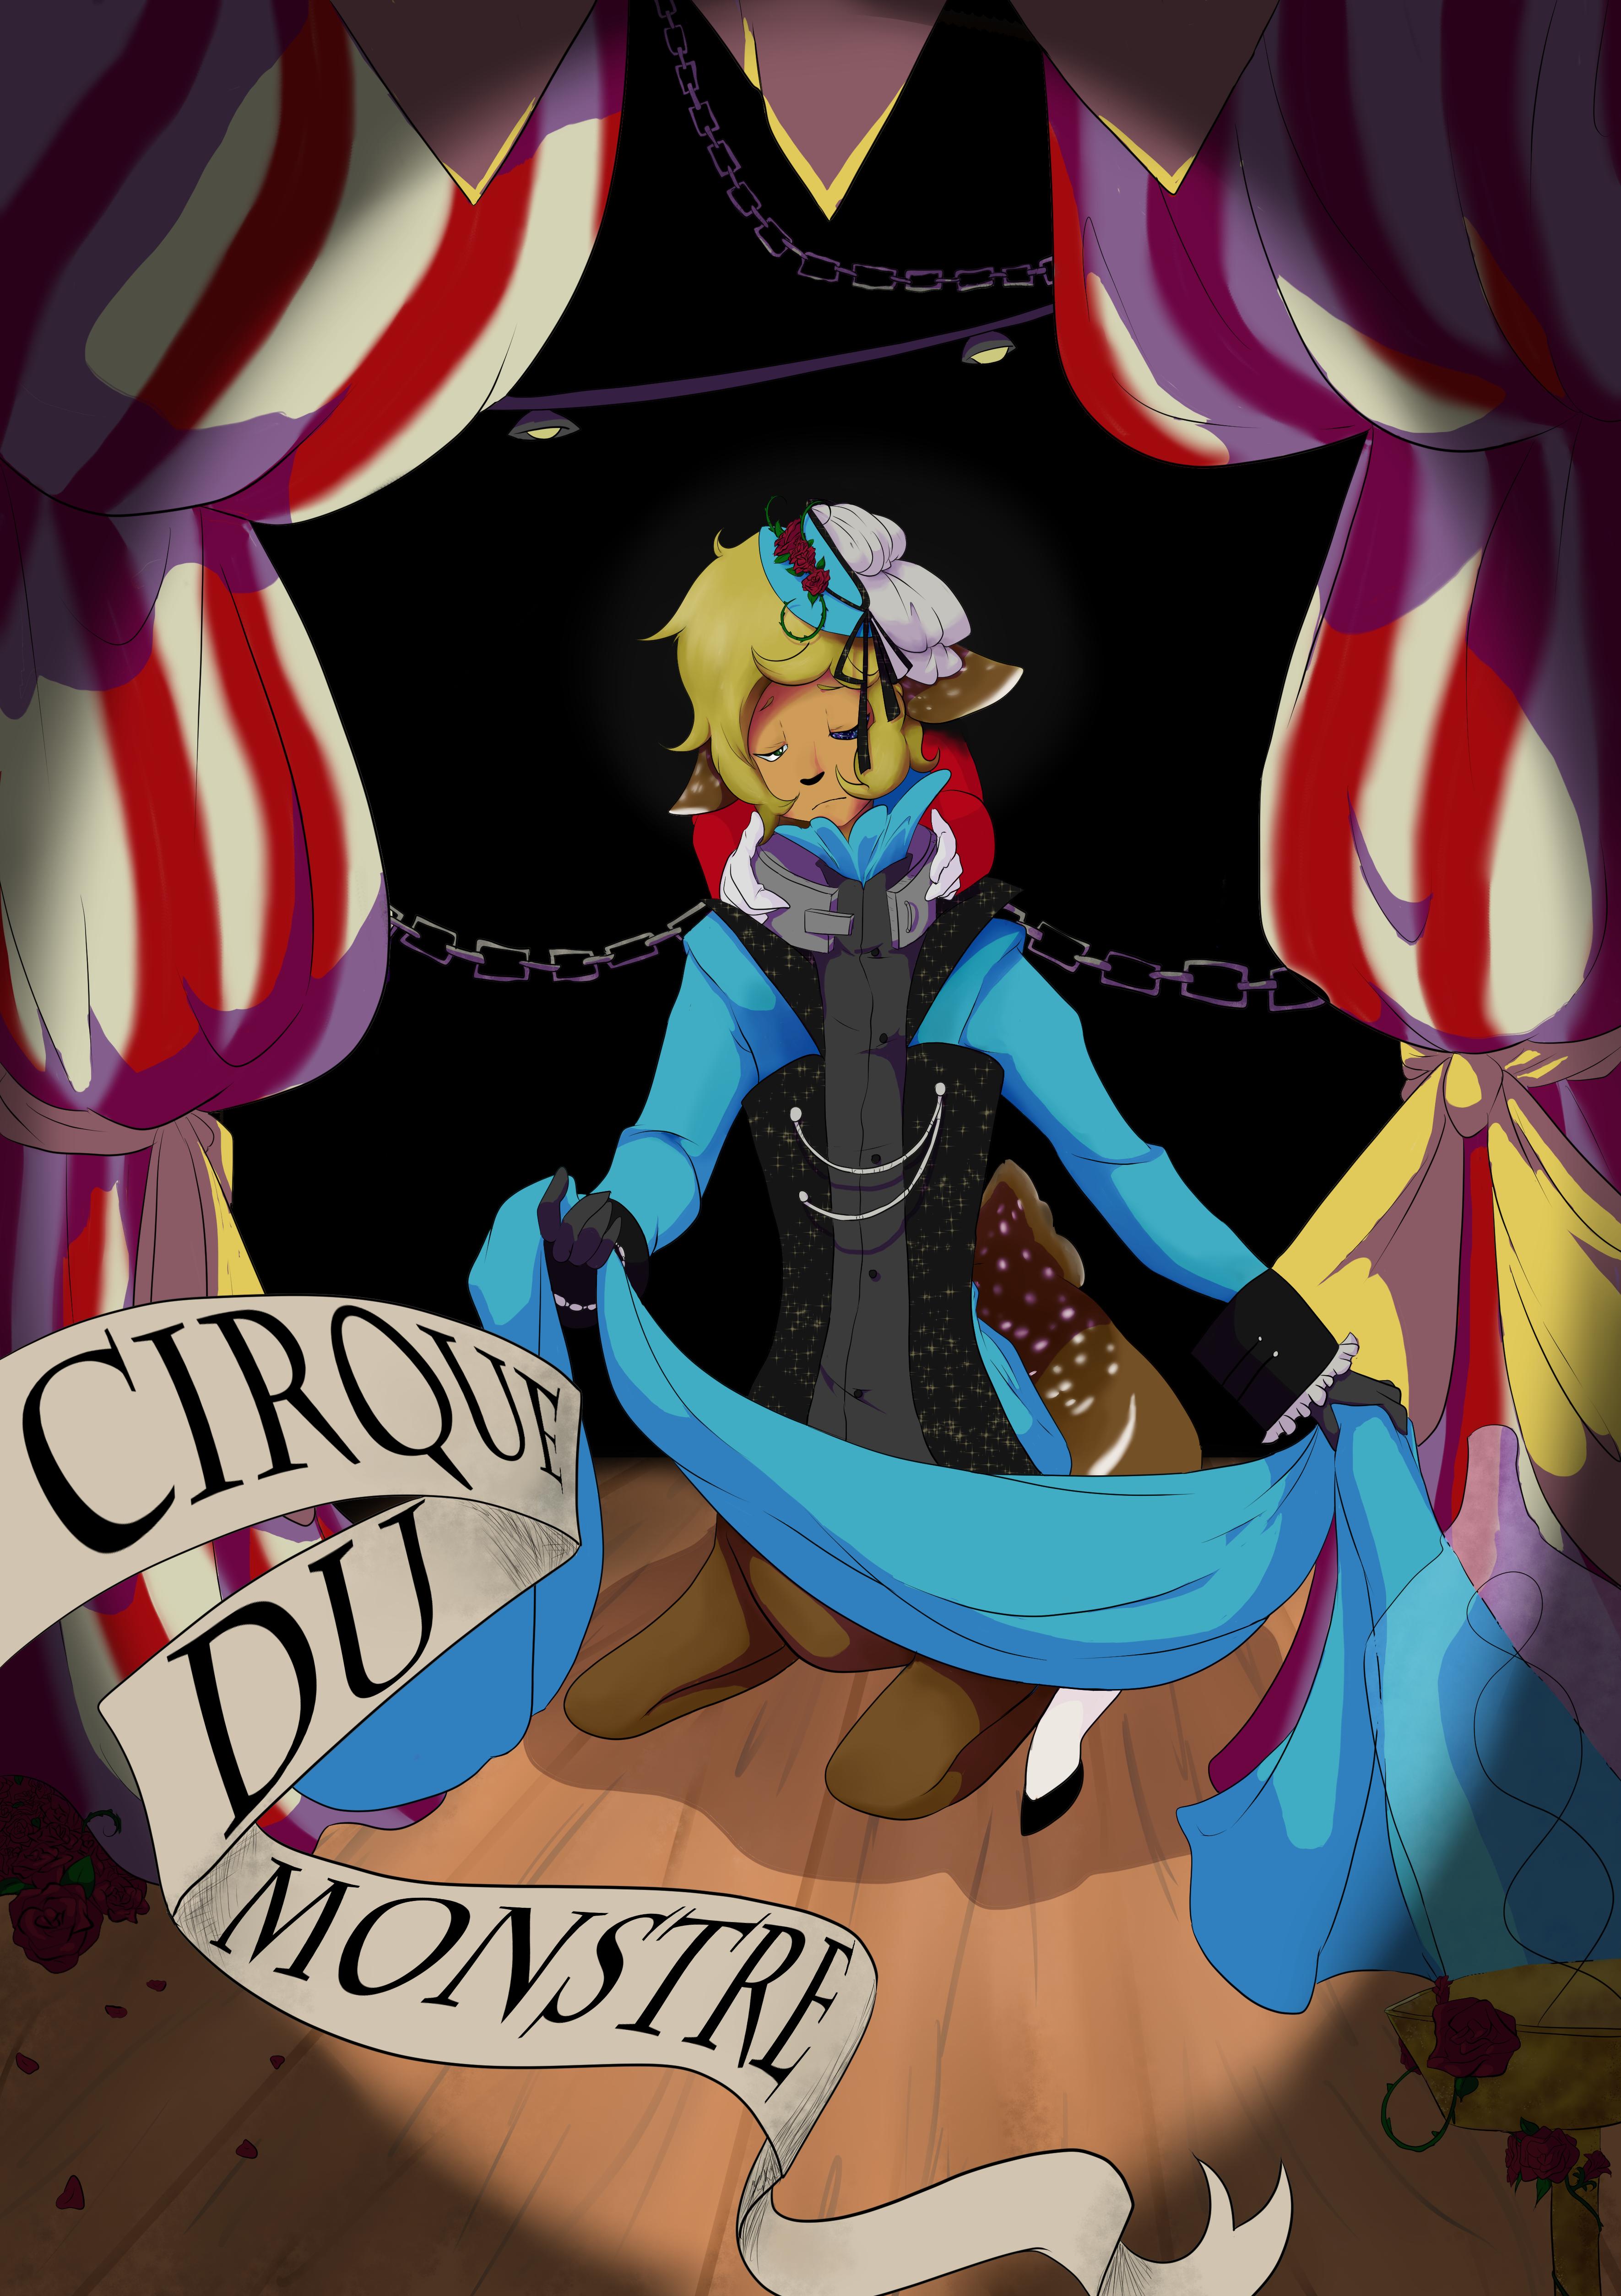 Cirque du Monstre cover